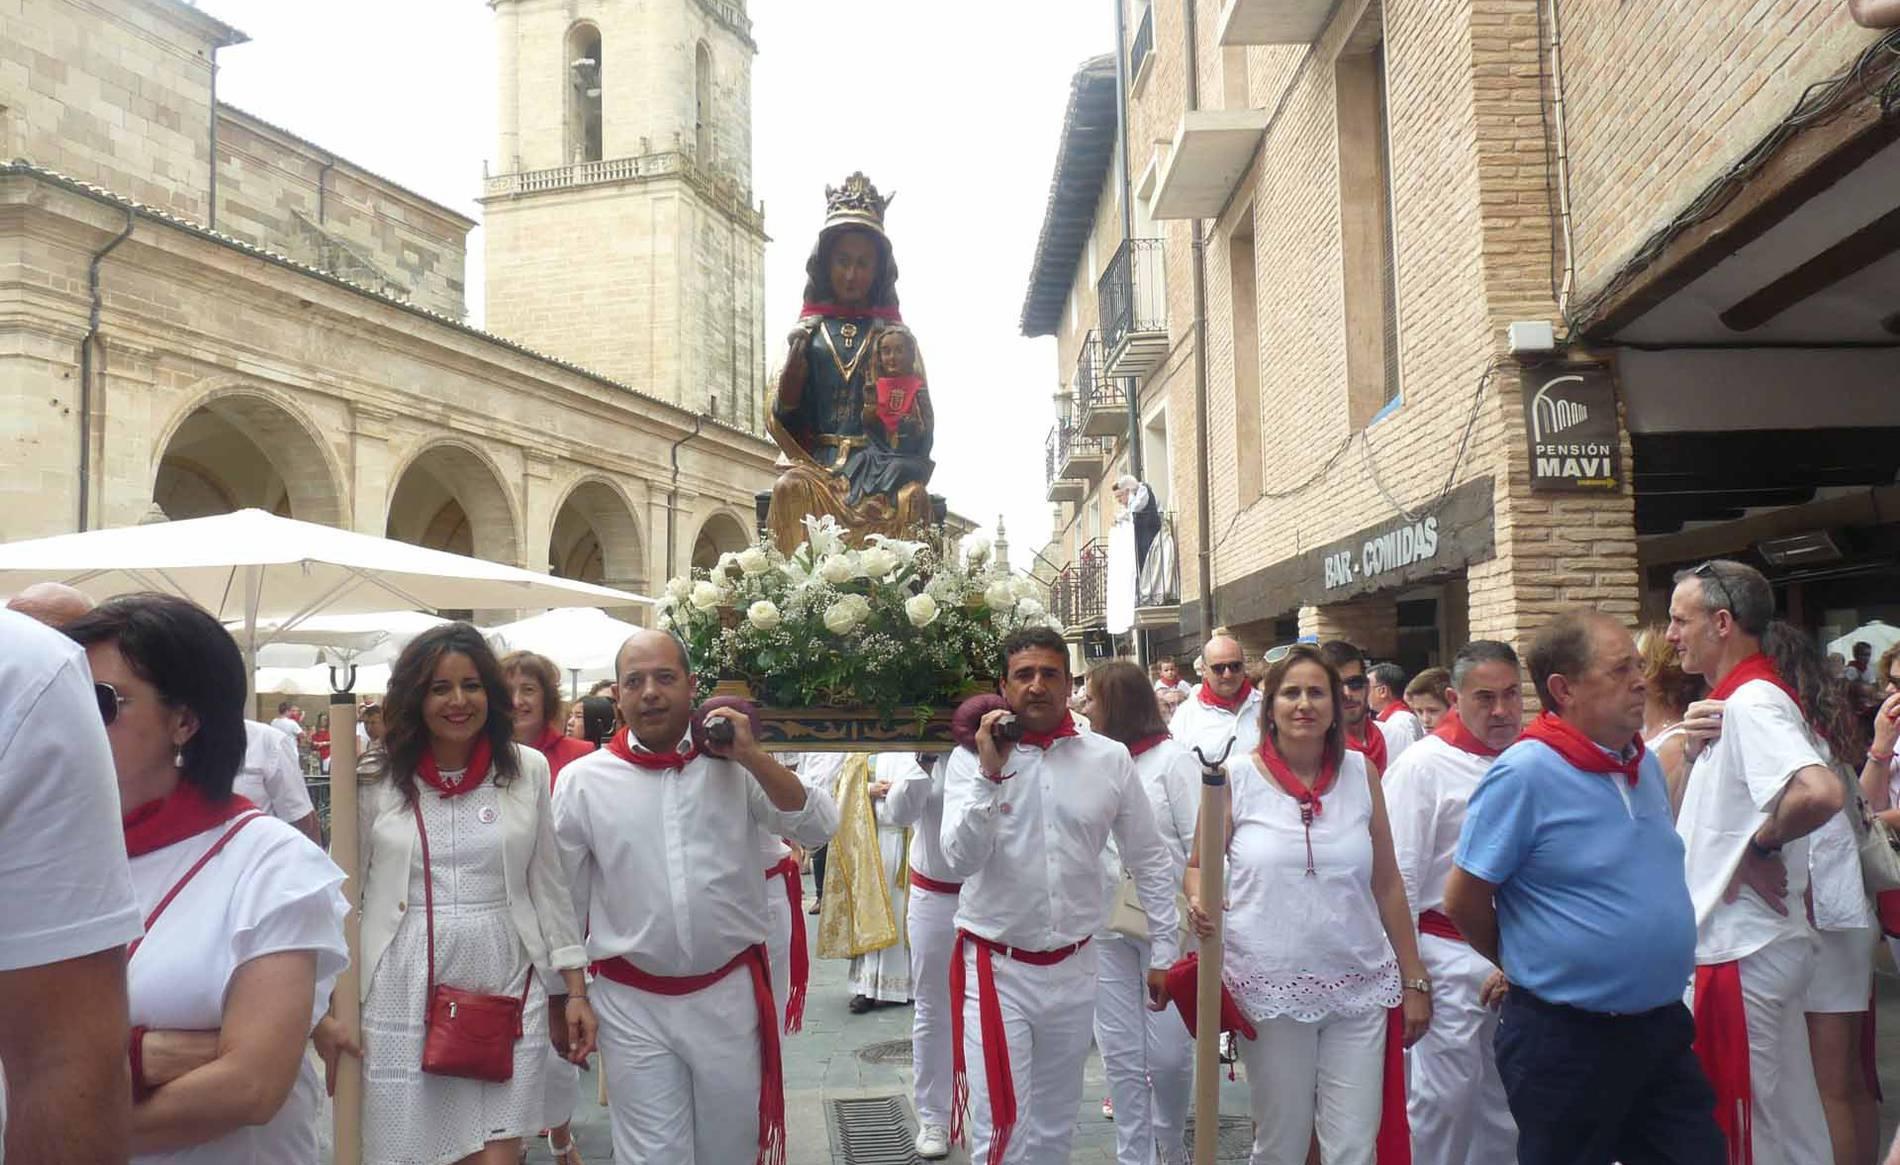 Procesión en fiestas de Los Arcos (1/10) - Imágenes de la procesión en fiestas de Los Arcos. - Tierra Estella -